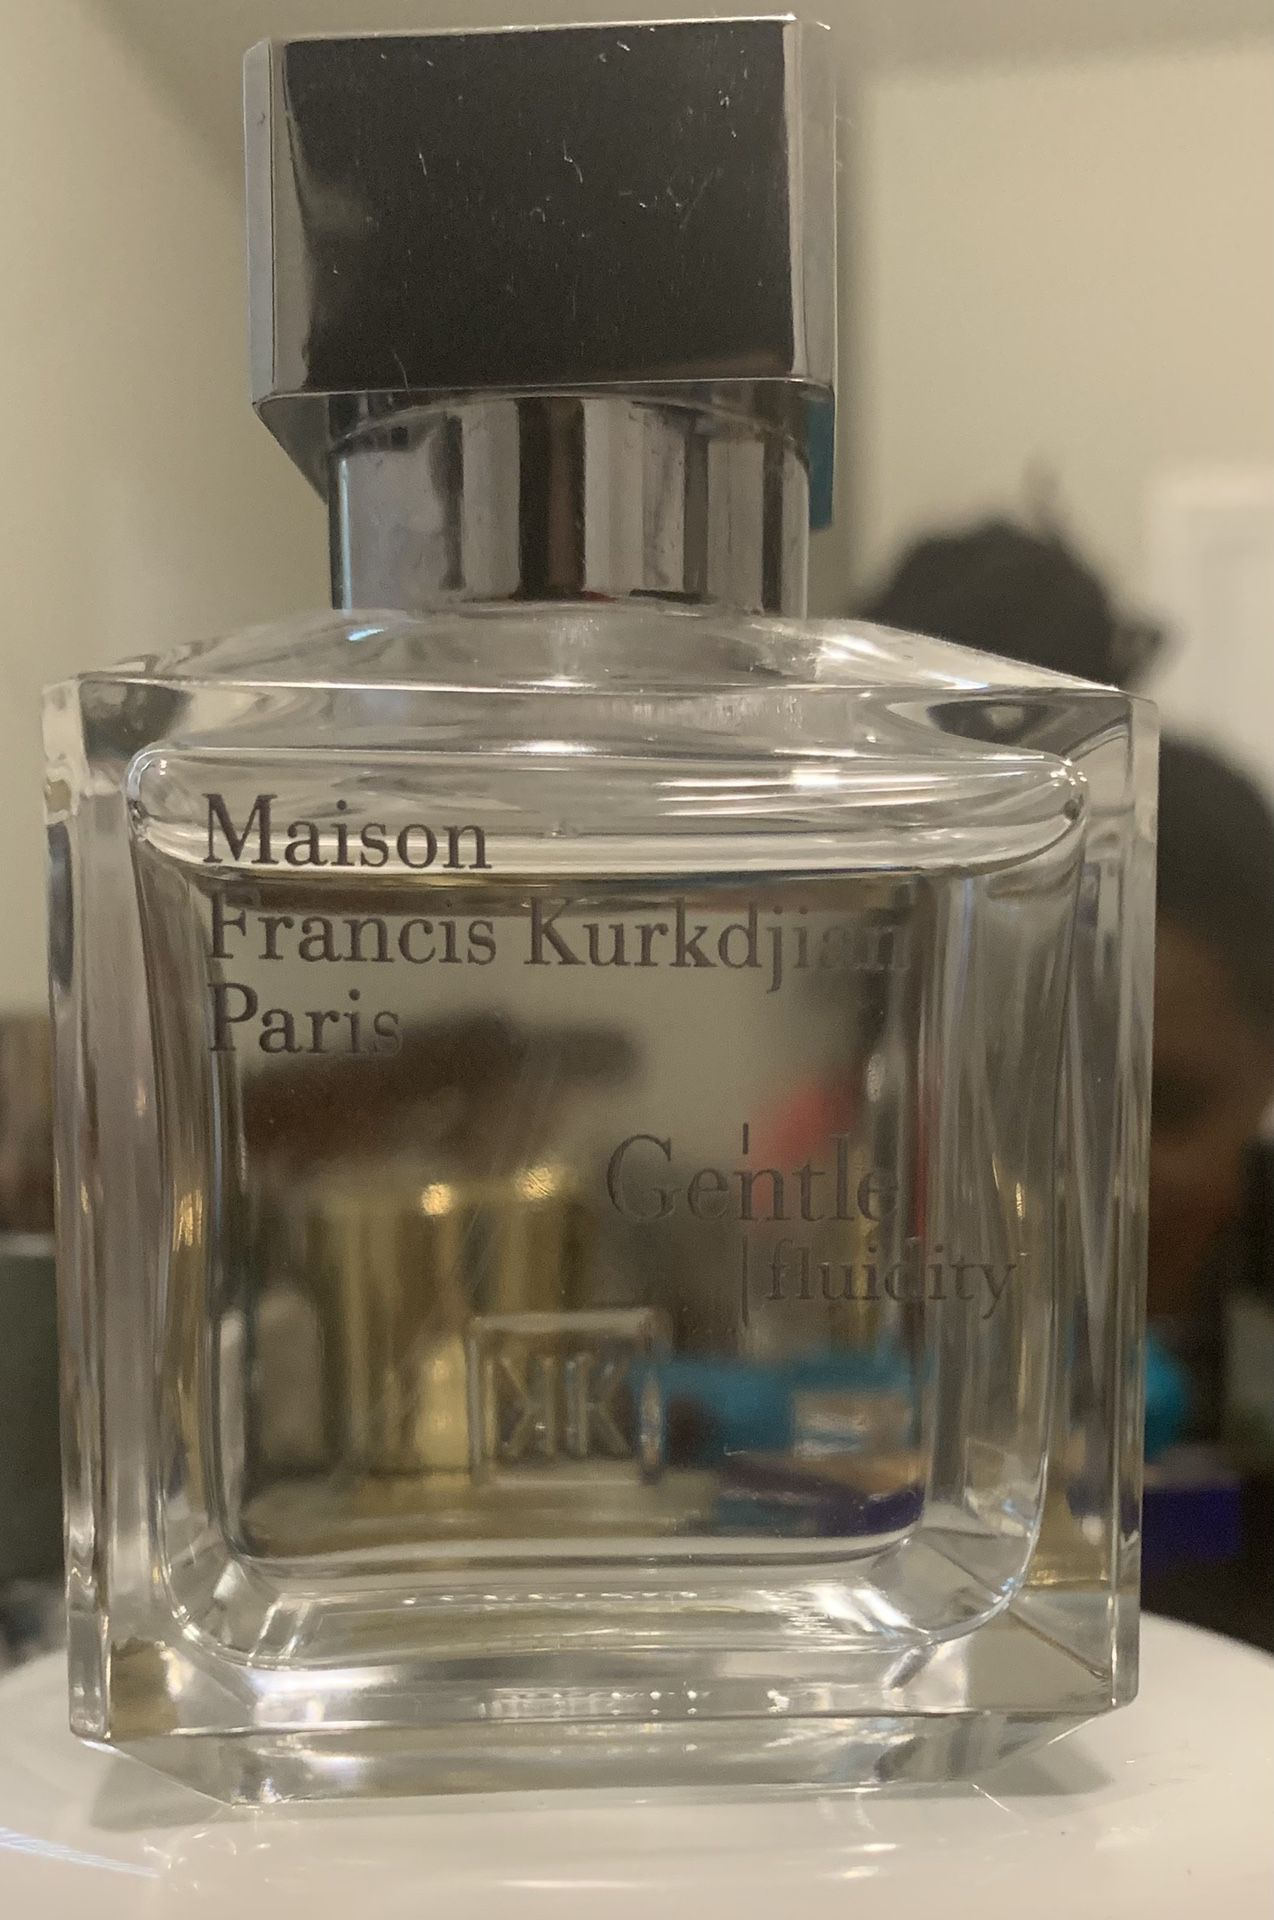 Maison Francis Kurkdjian Gentle Fluidity Silver  Eau De Parfum